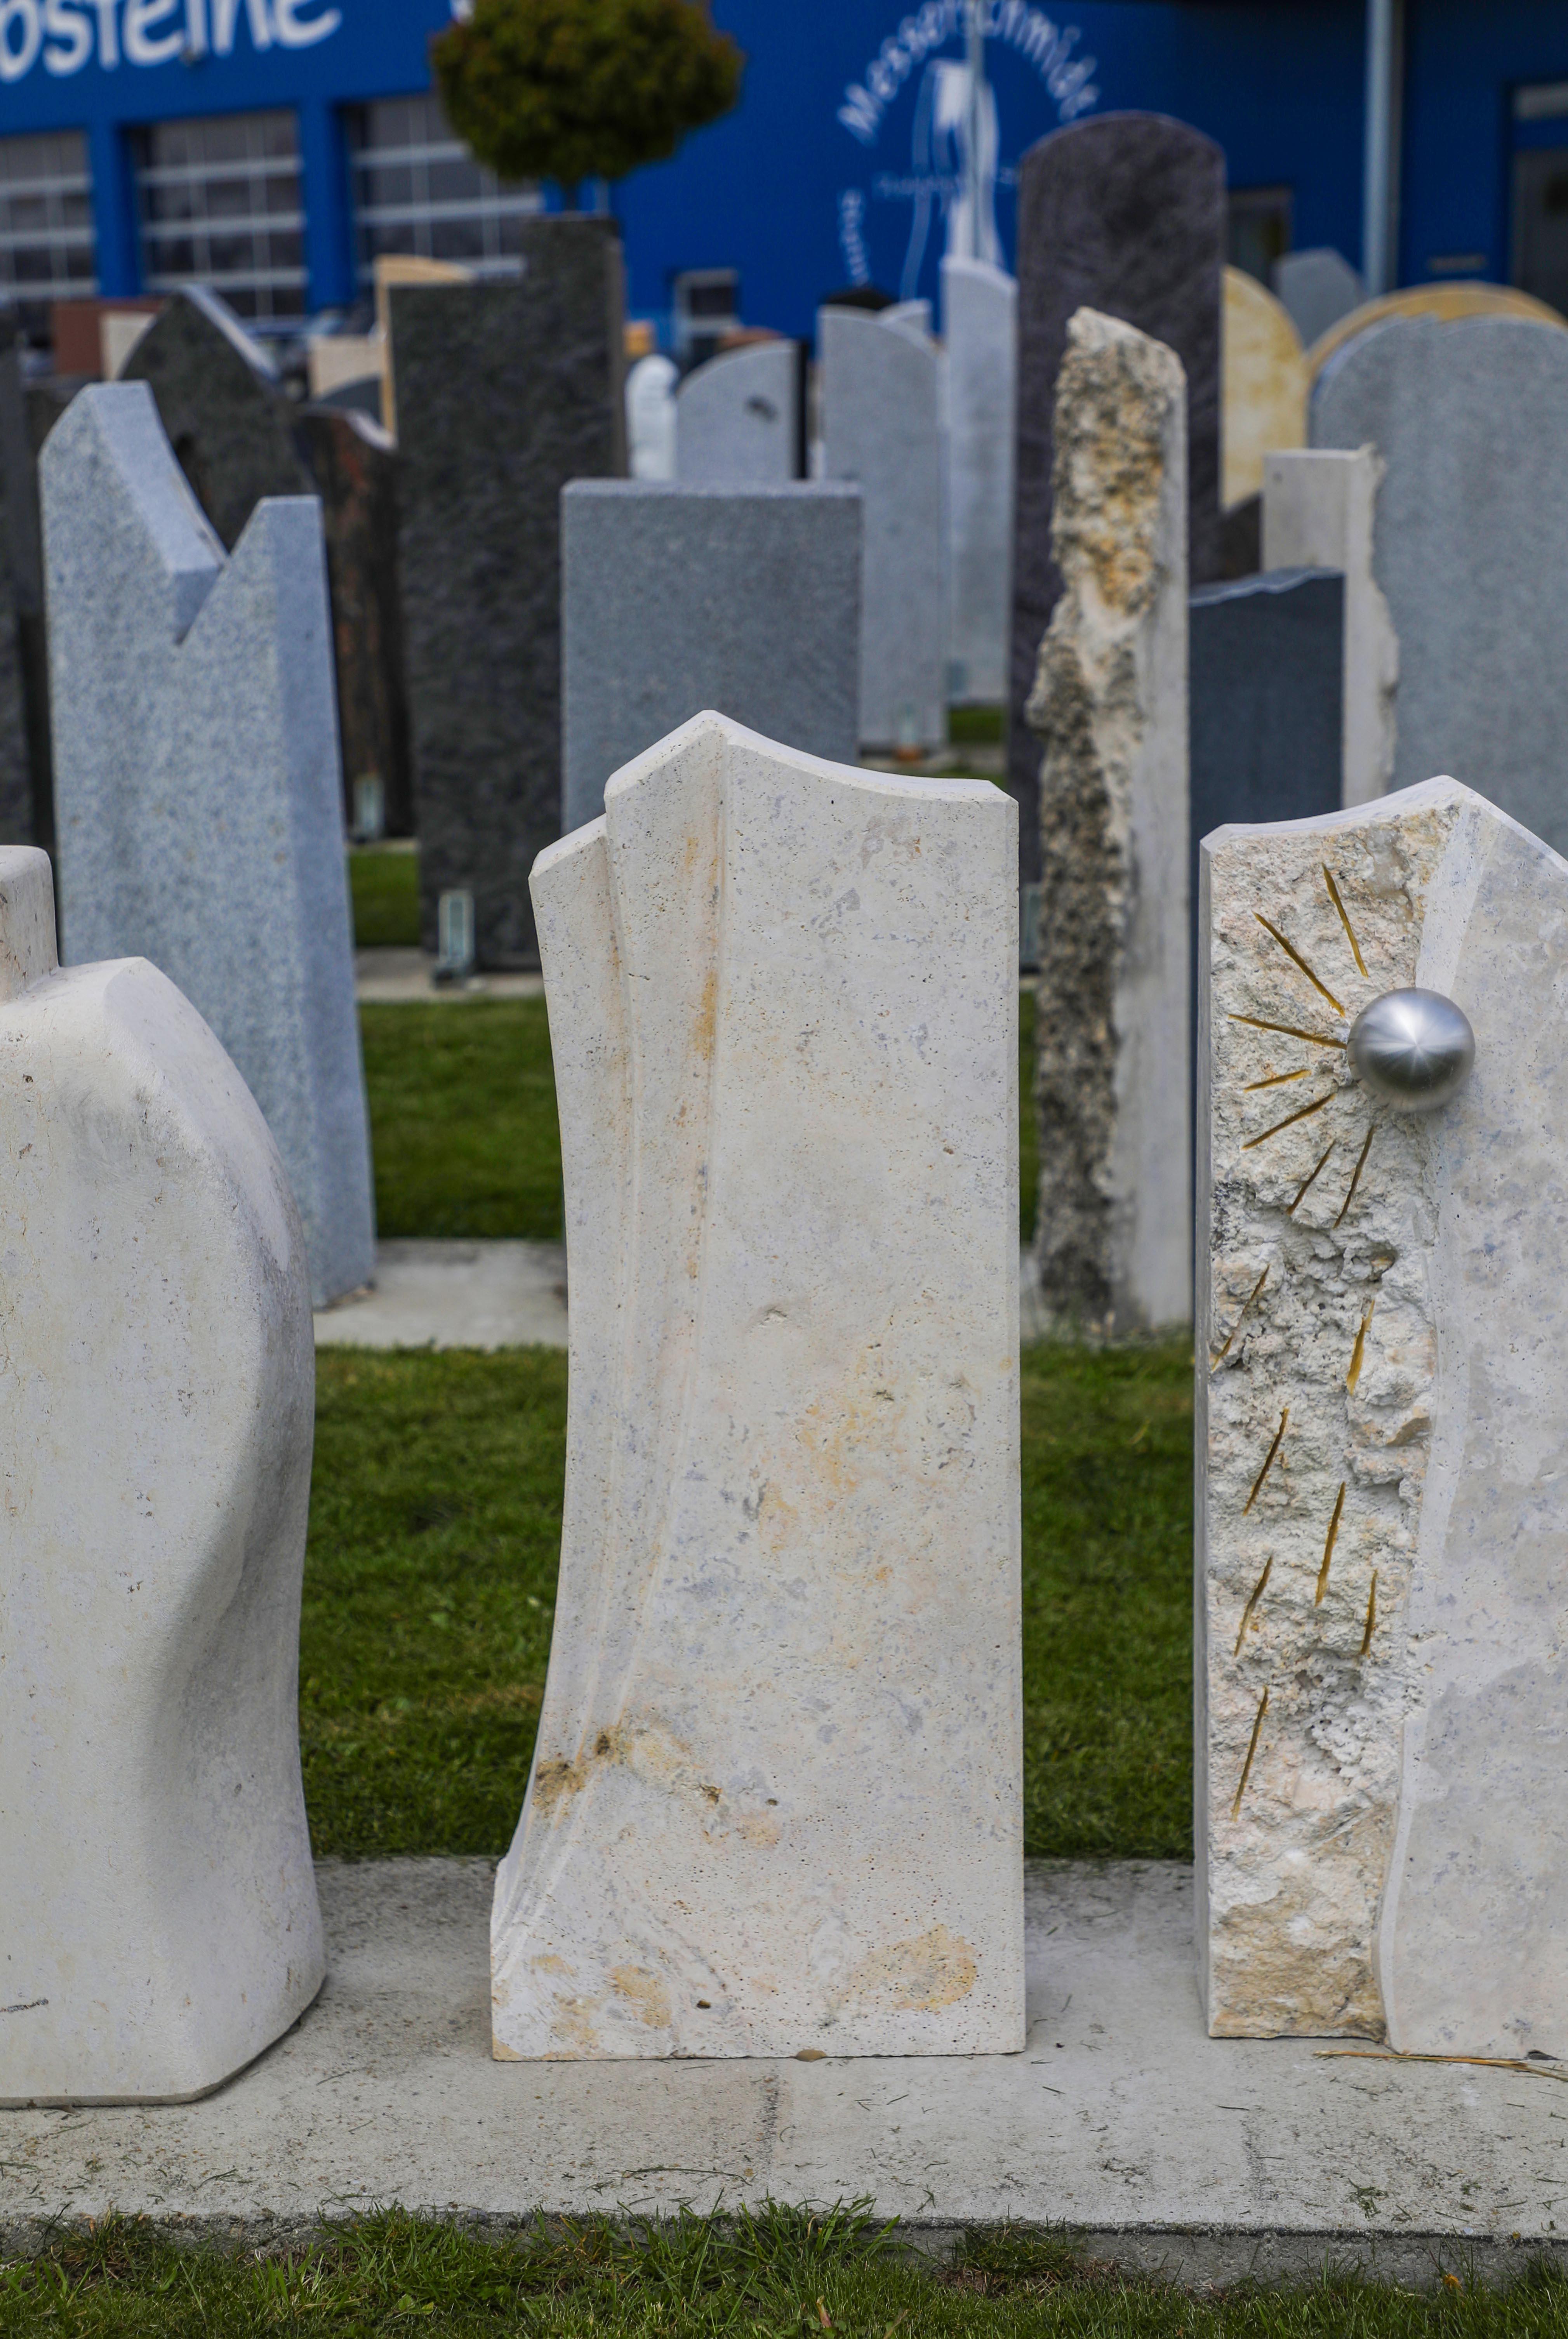 schöne günstige und moderne Grabsteine Urnengrabstein aus Sandstein mit Einfassung aus Granit vom Steinmetz und Bildhauer Messerschmidt aus Deutschland in Crailsheim Grabstein online Grabstein preise kosten Grabstein Deutschland